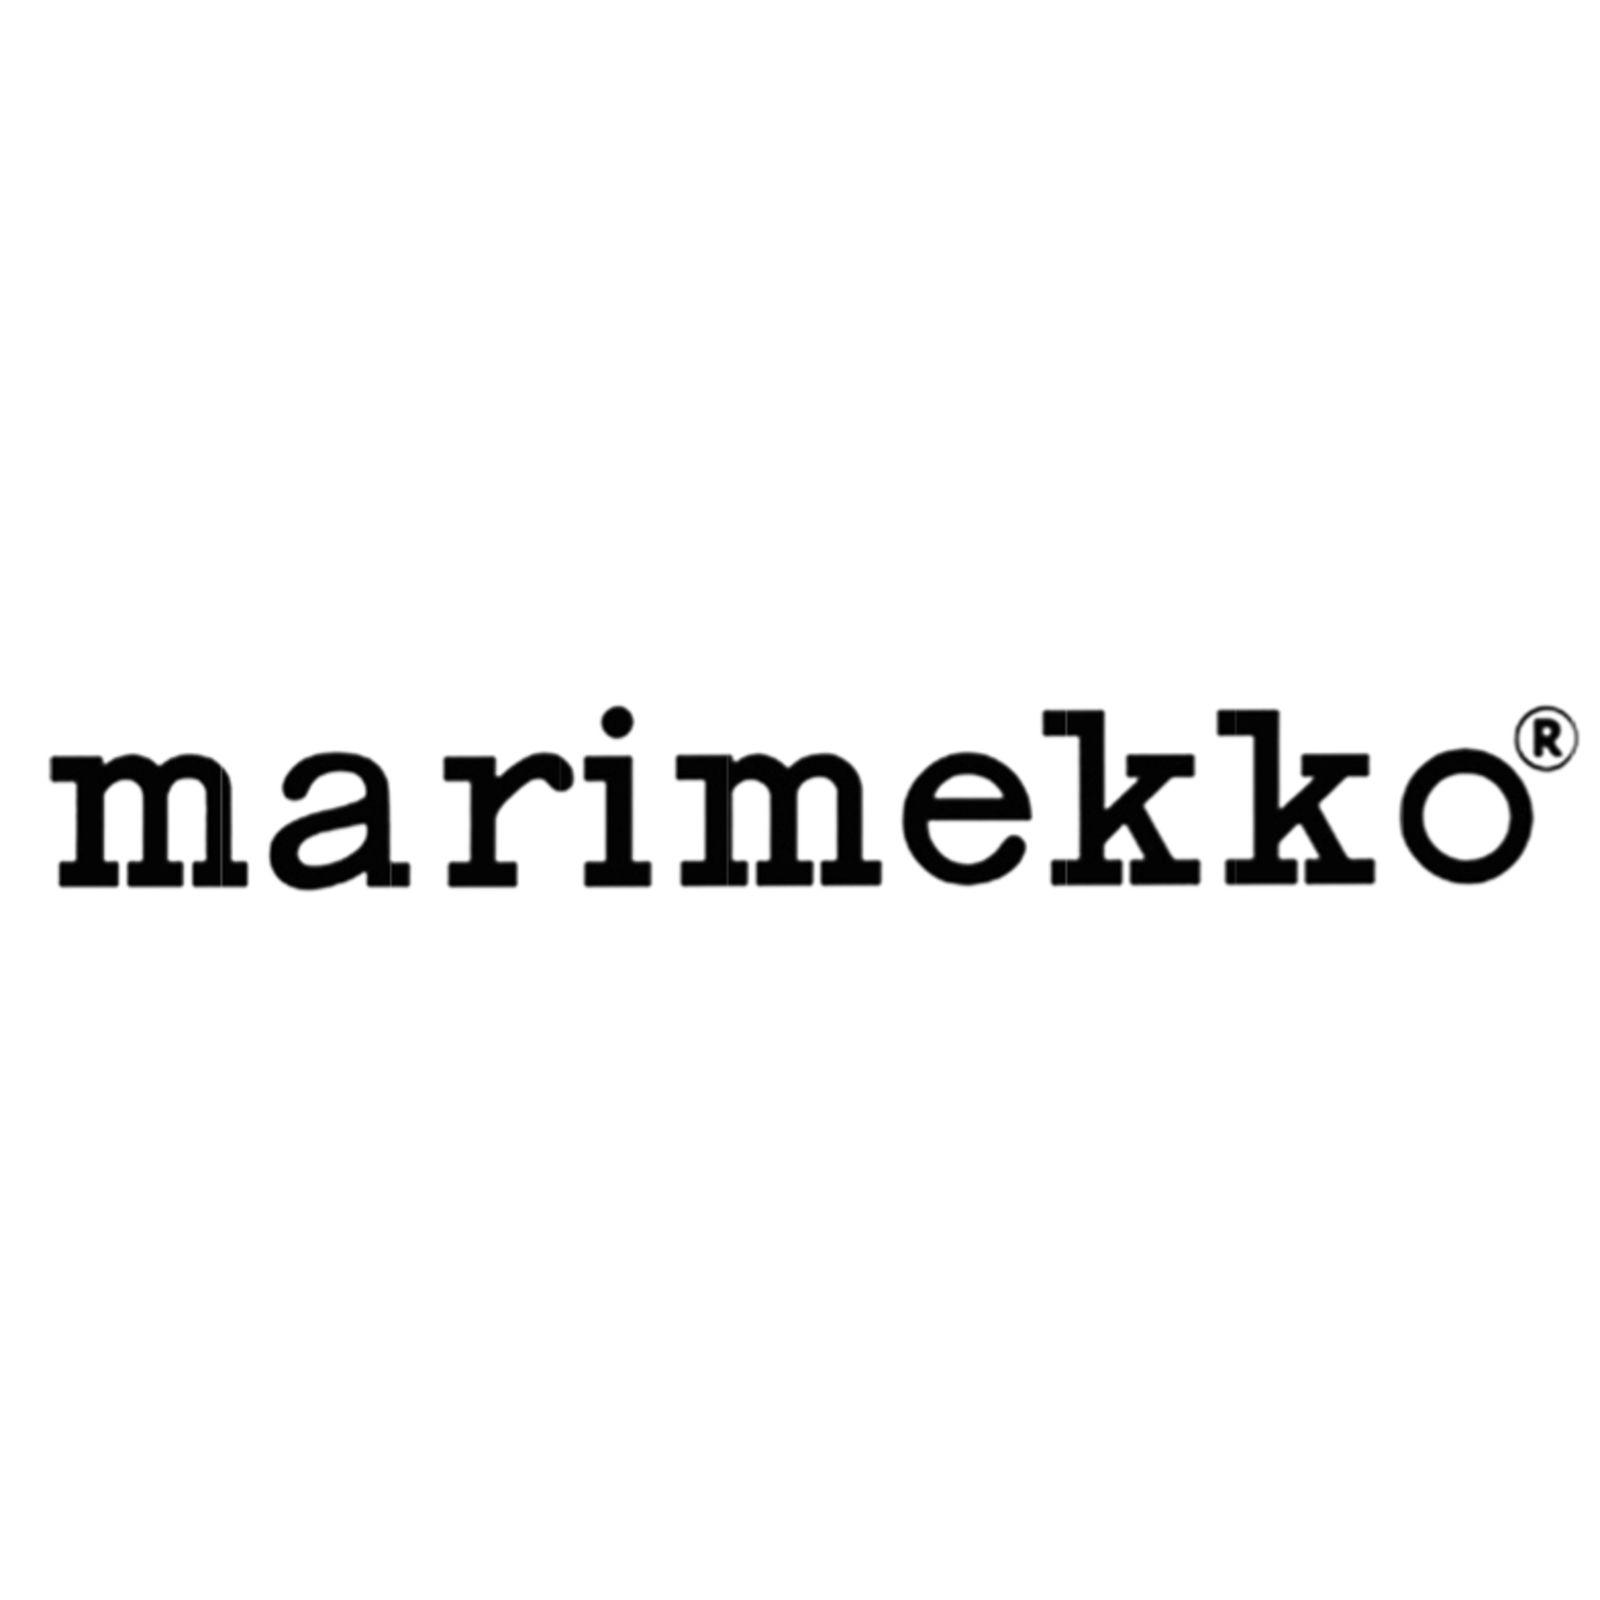 marimekko® (Bild 1)